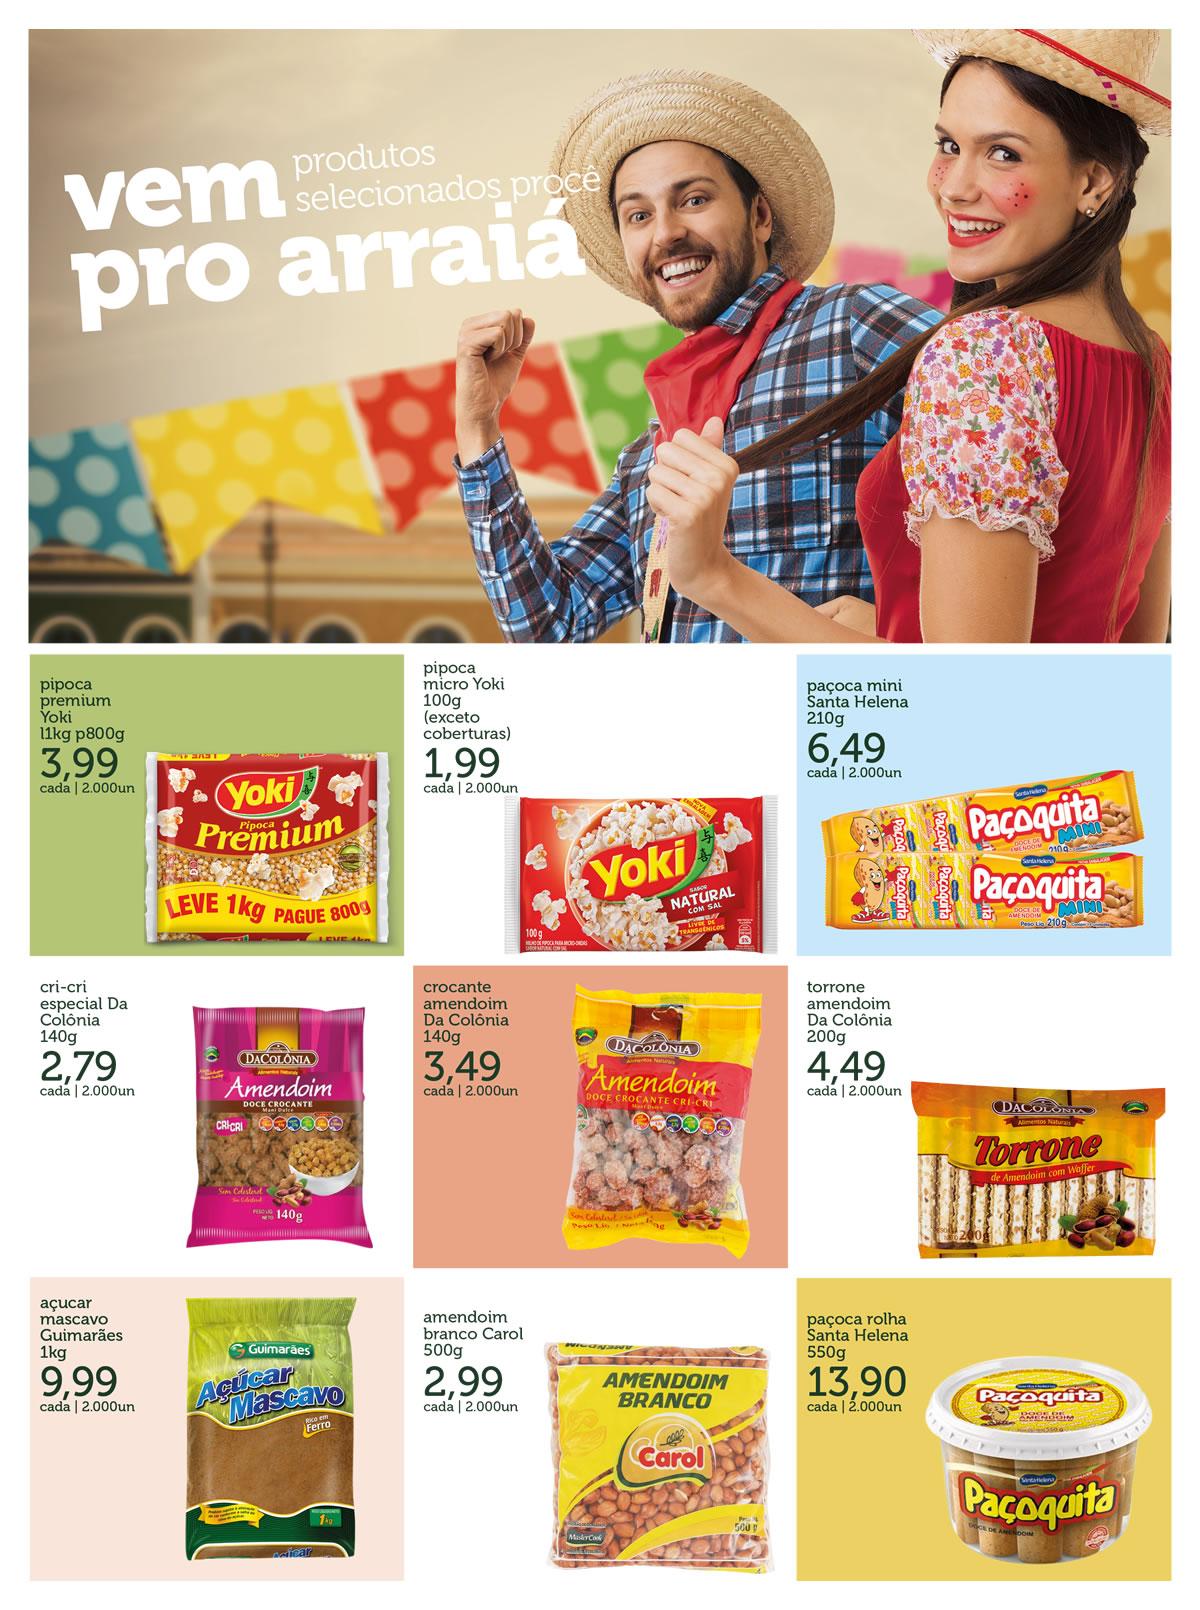 caita_supermercados_tabloide_junho2018_concordia09